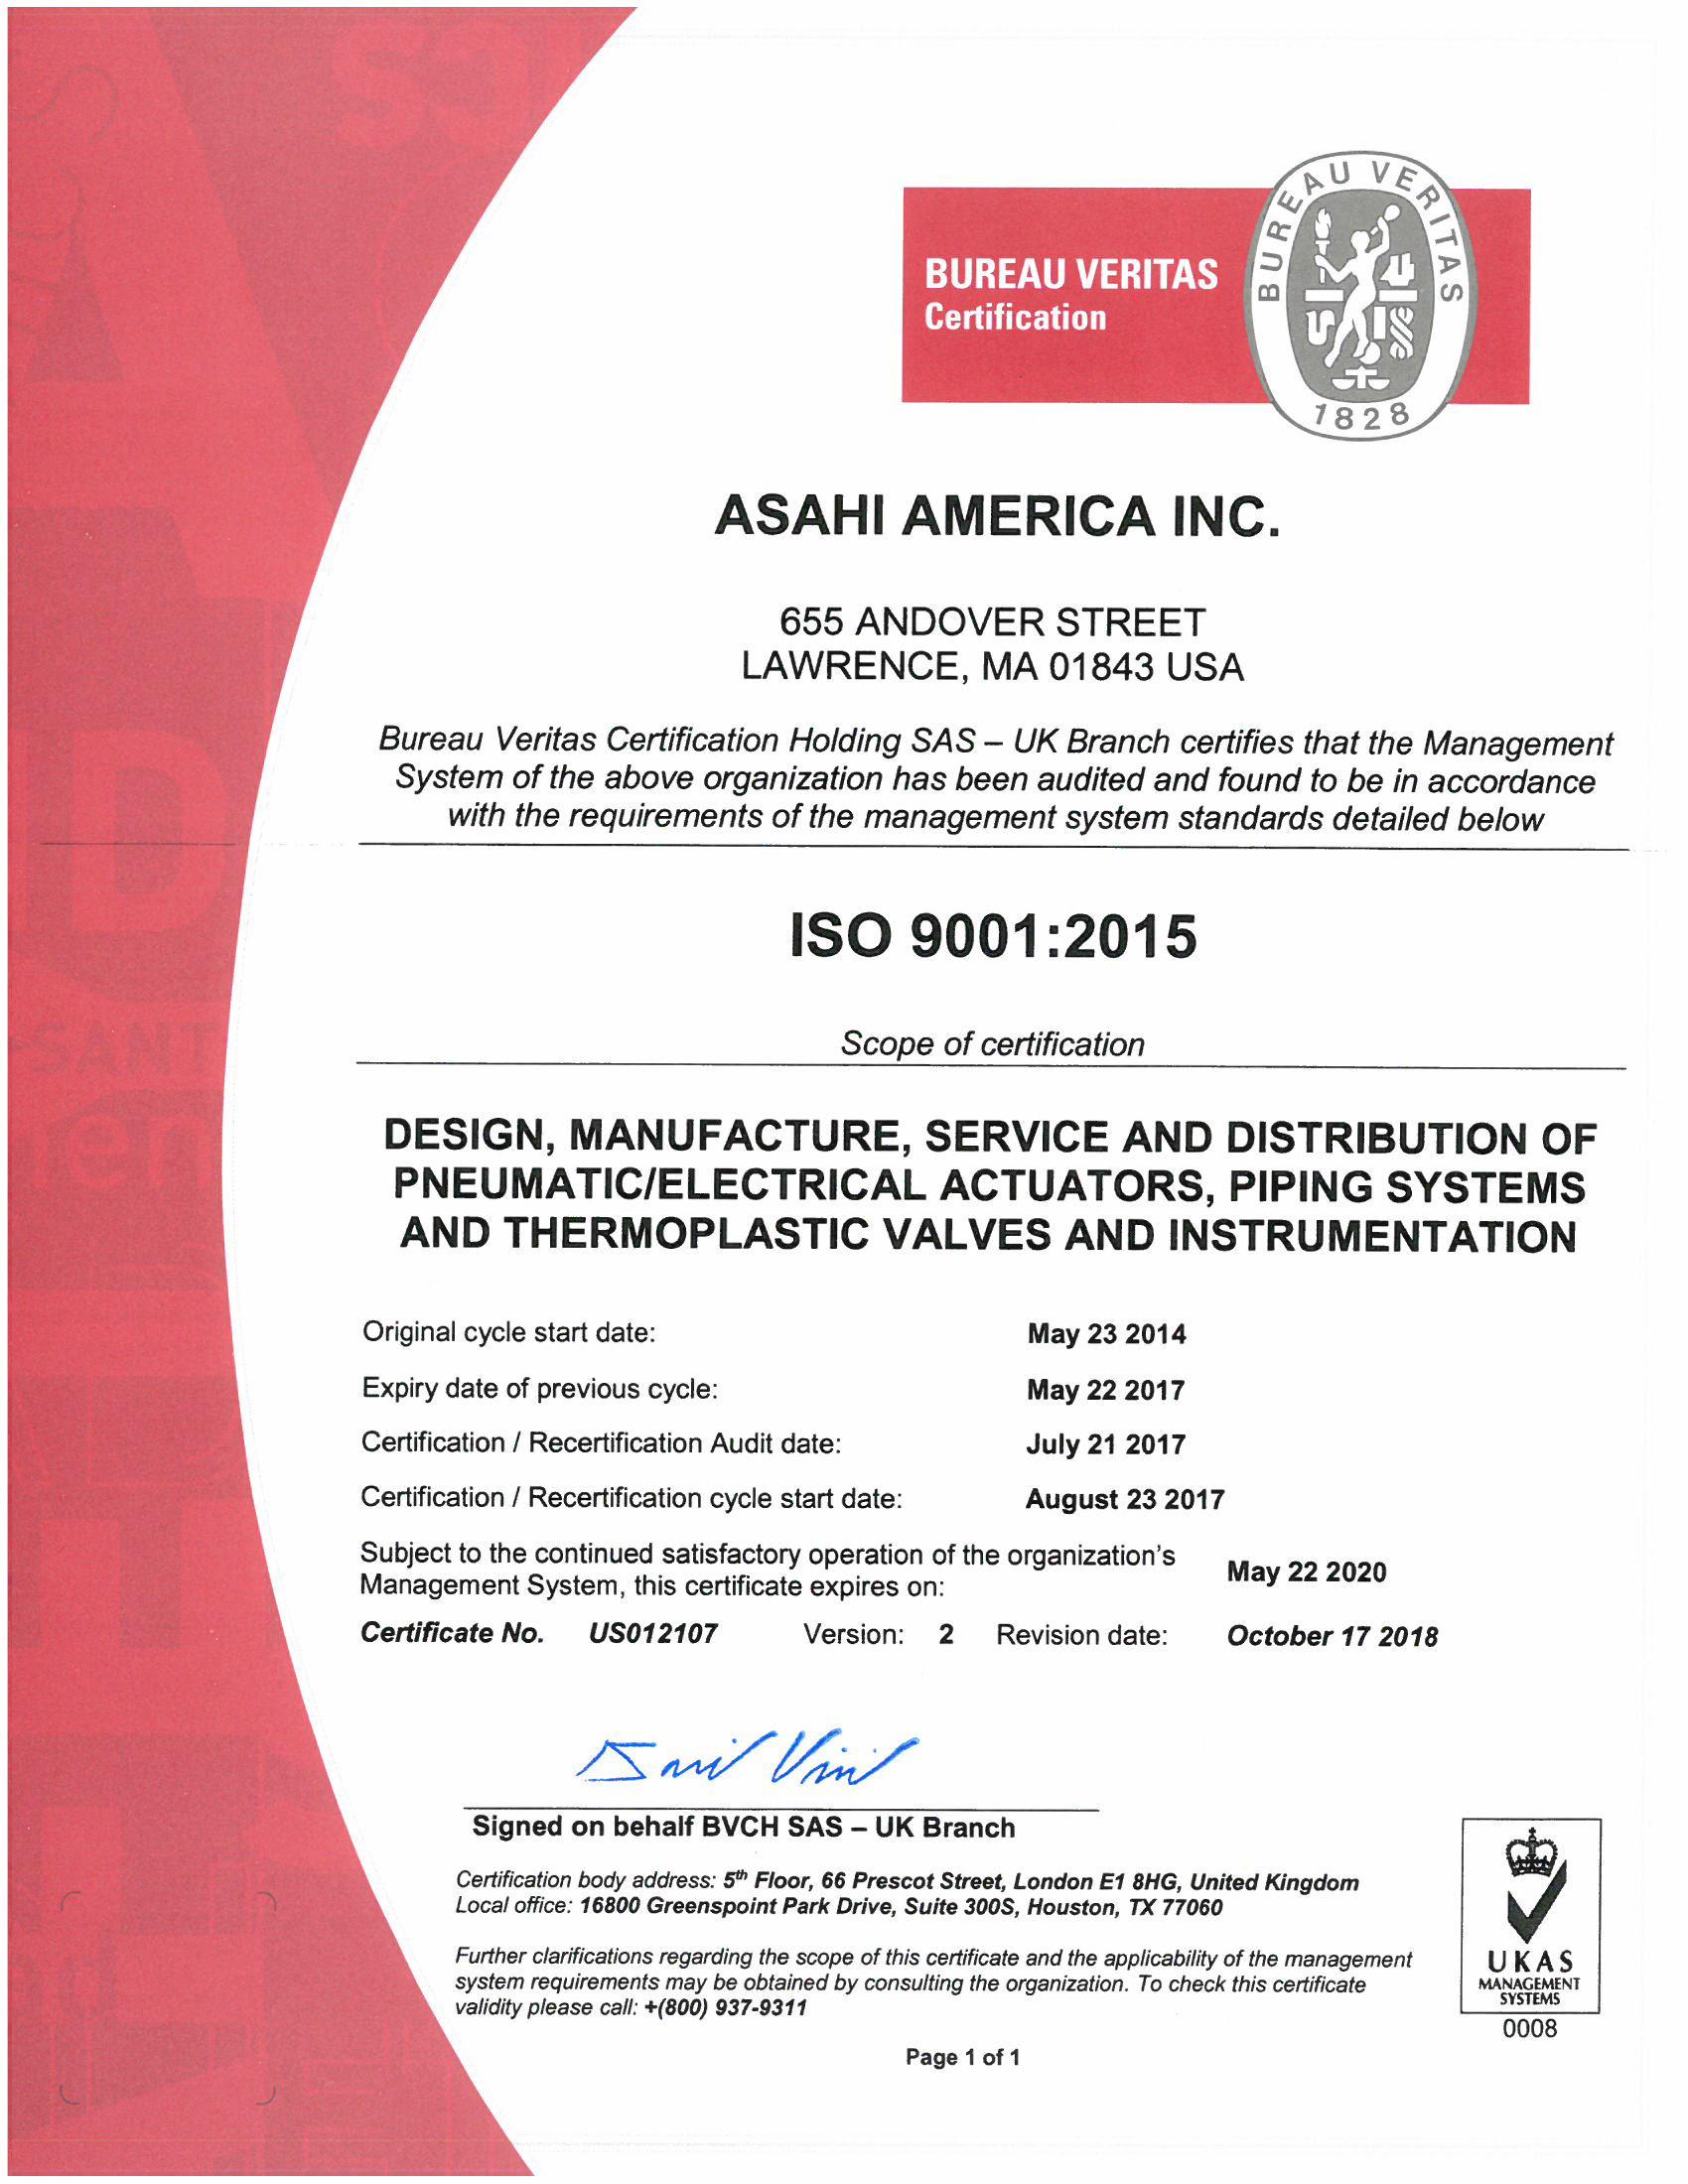 Certificado final 493868 de Asahi